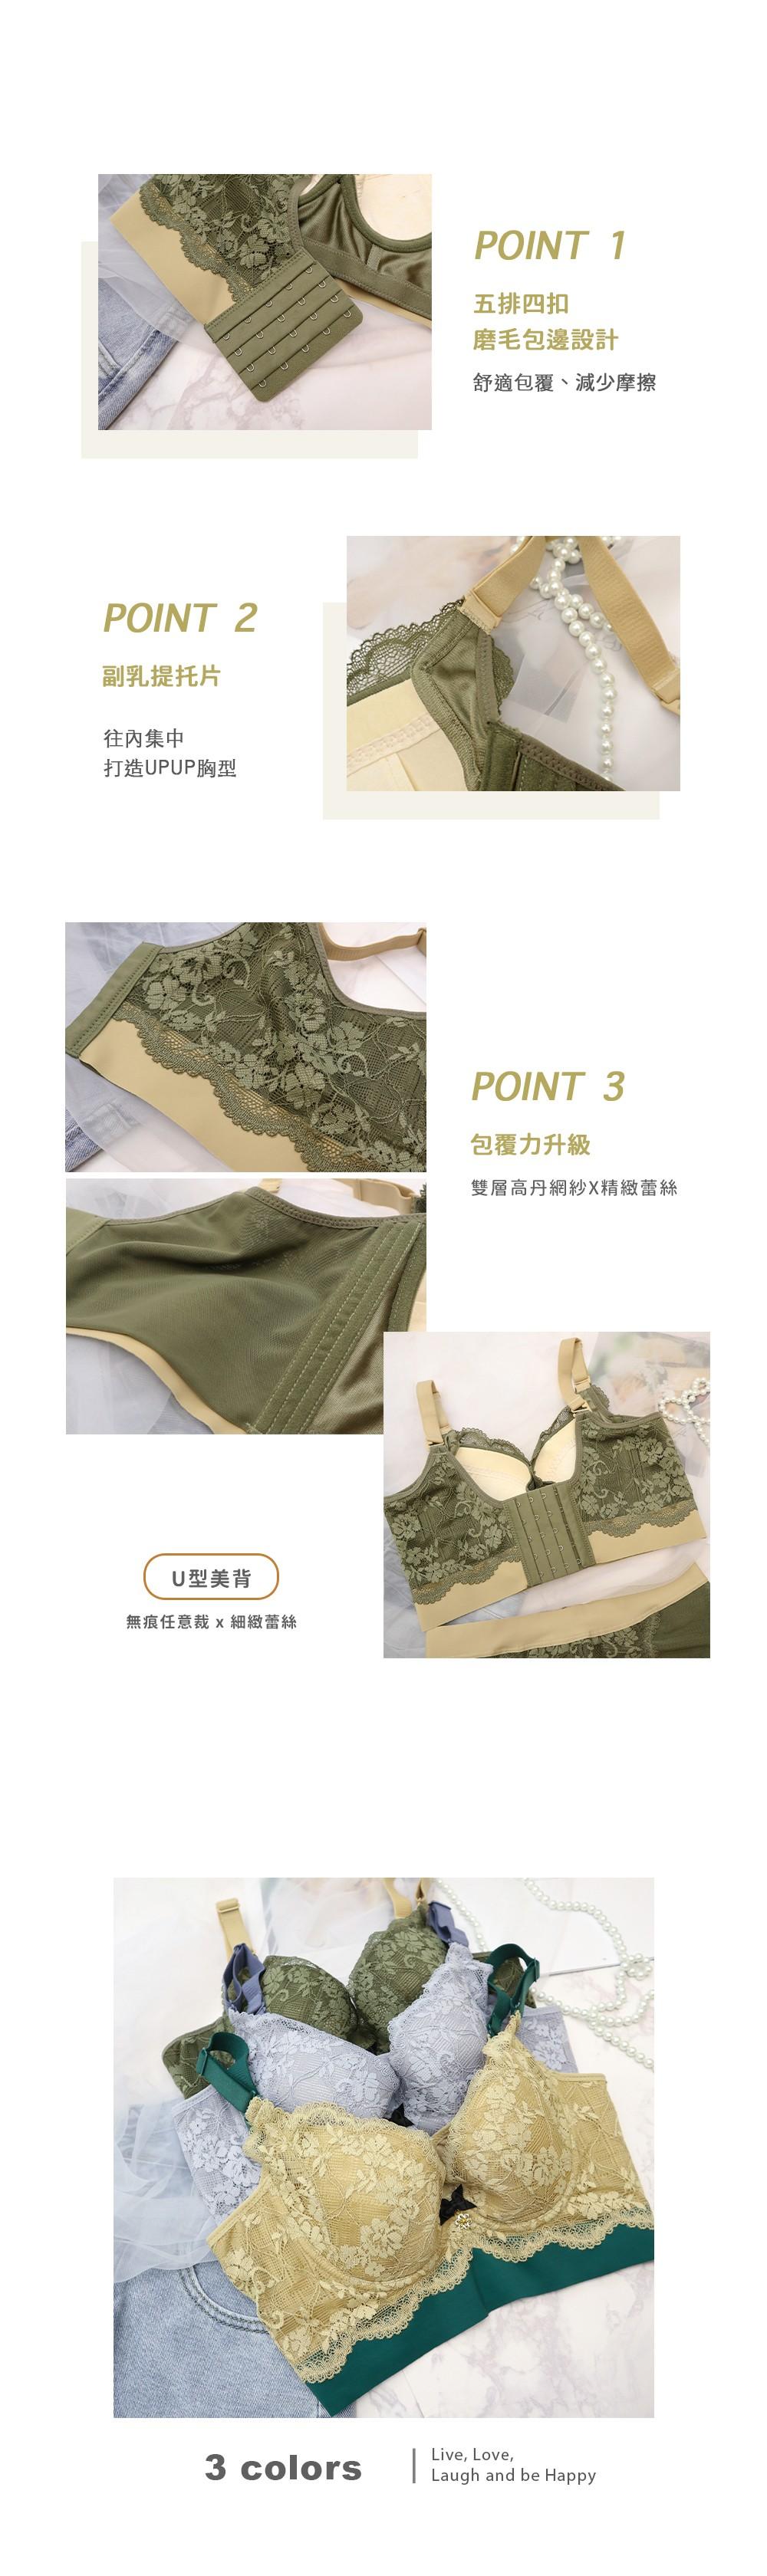 軟鋼圈馬甲式調整型淡香洛可可內衣單件 3色